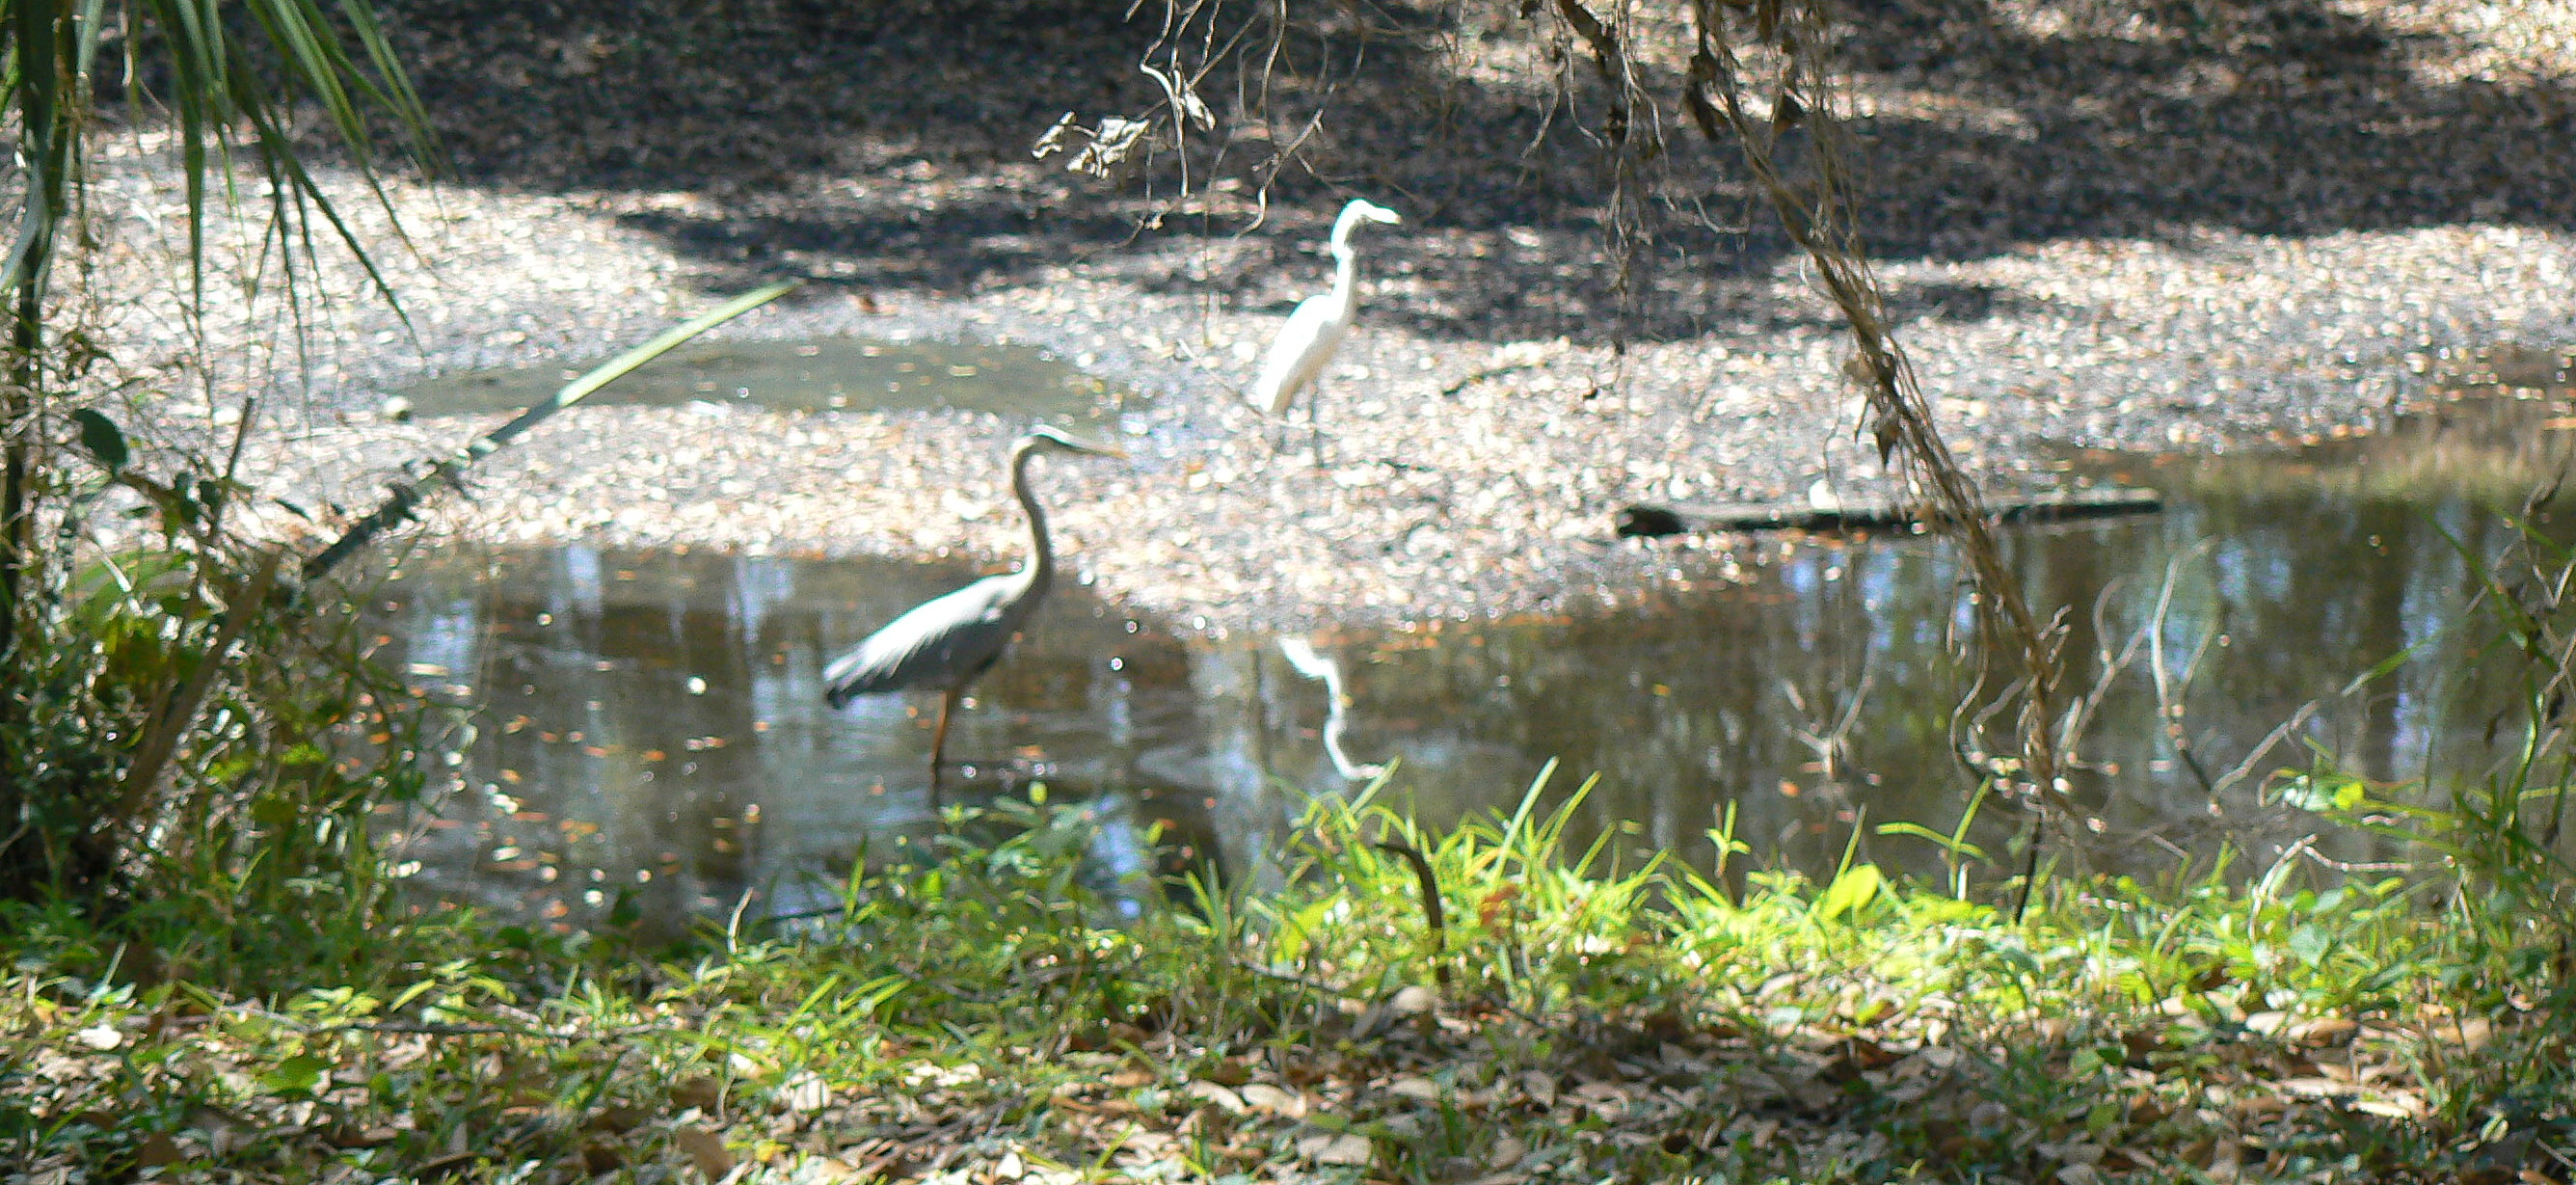 birds-pond-snake-035-1